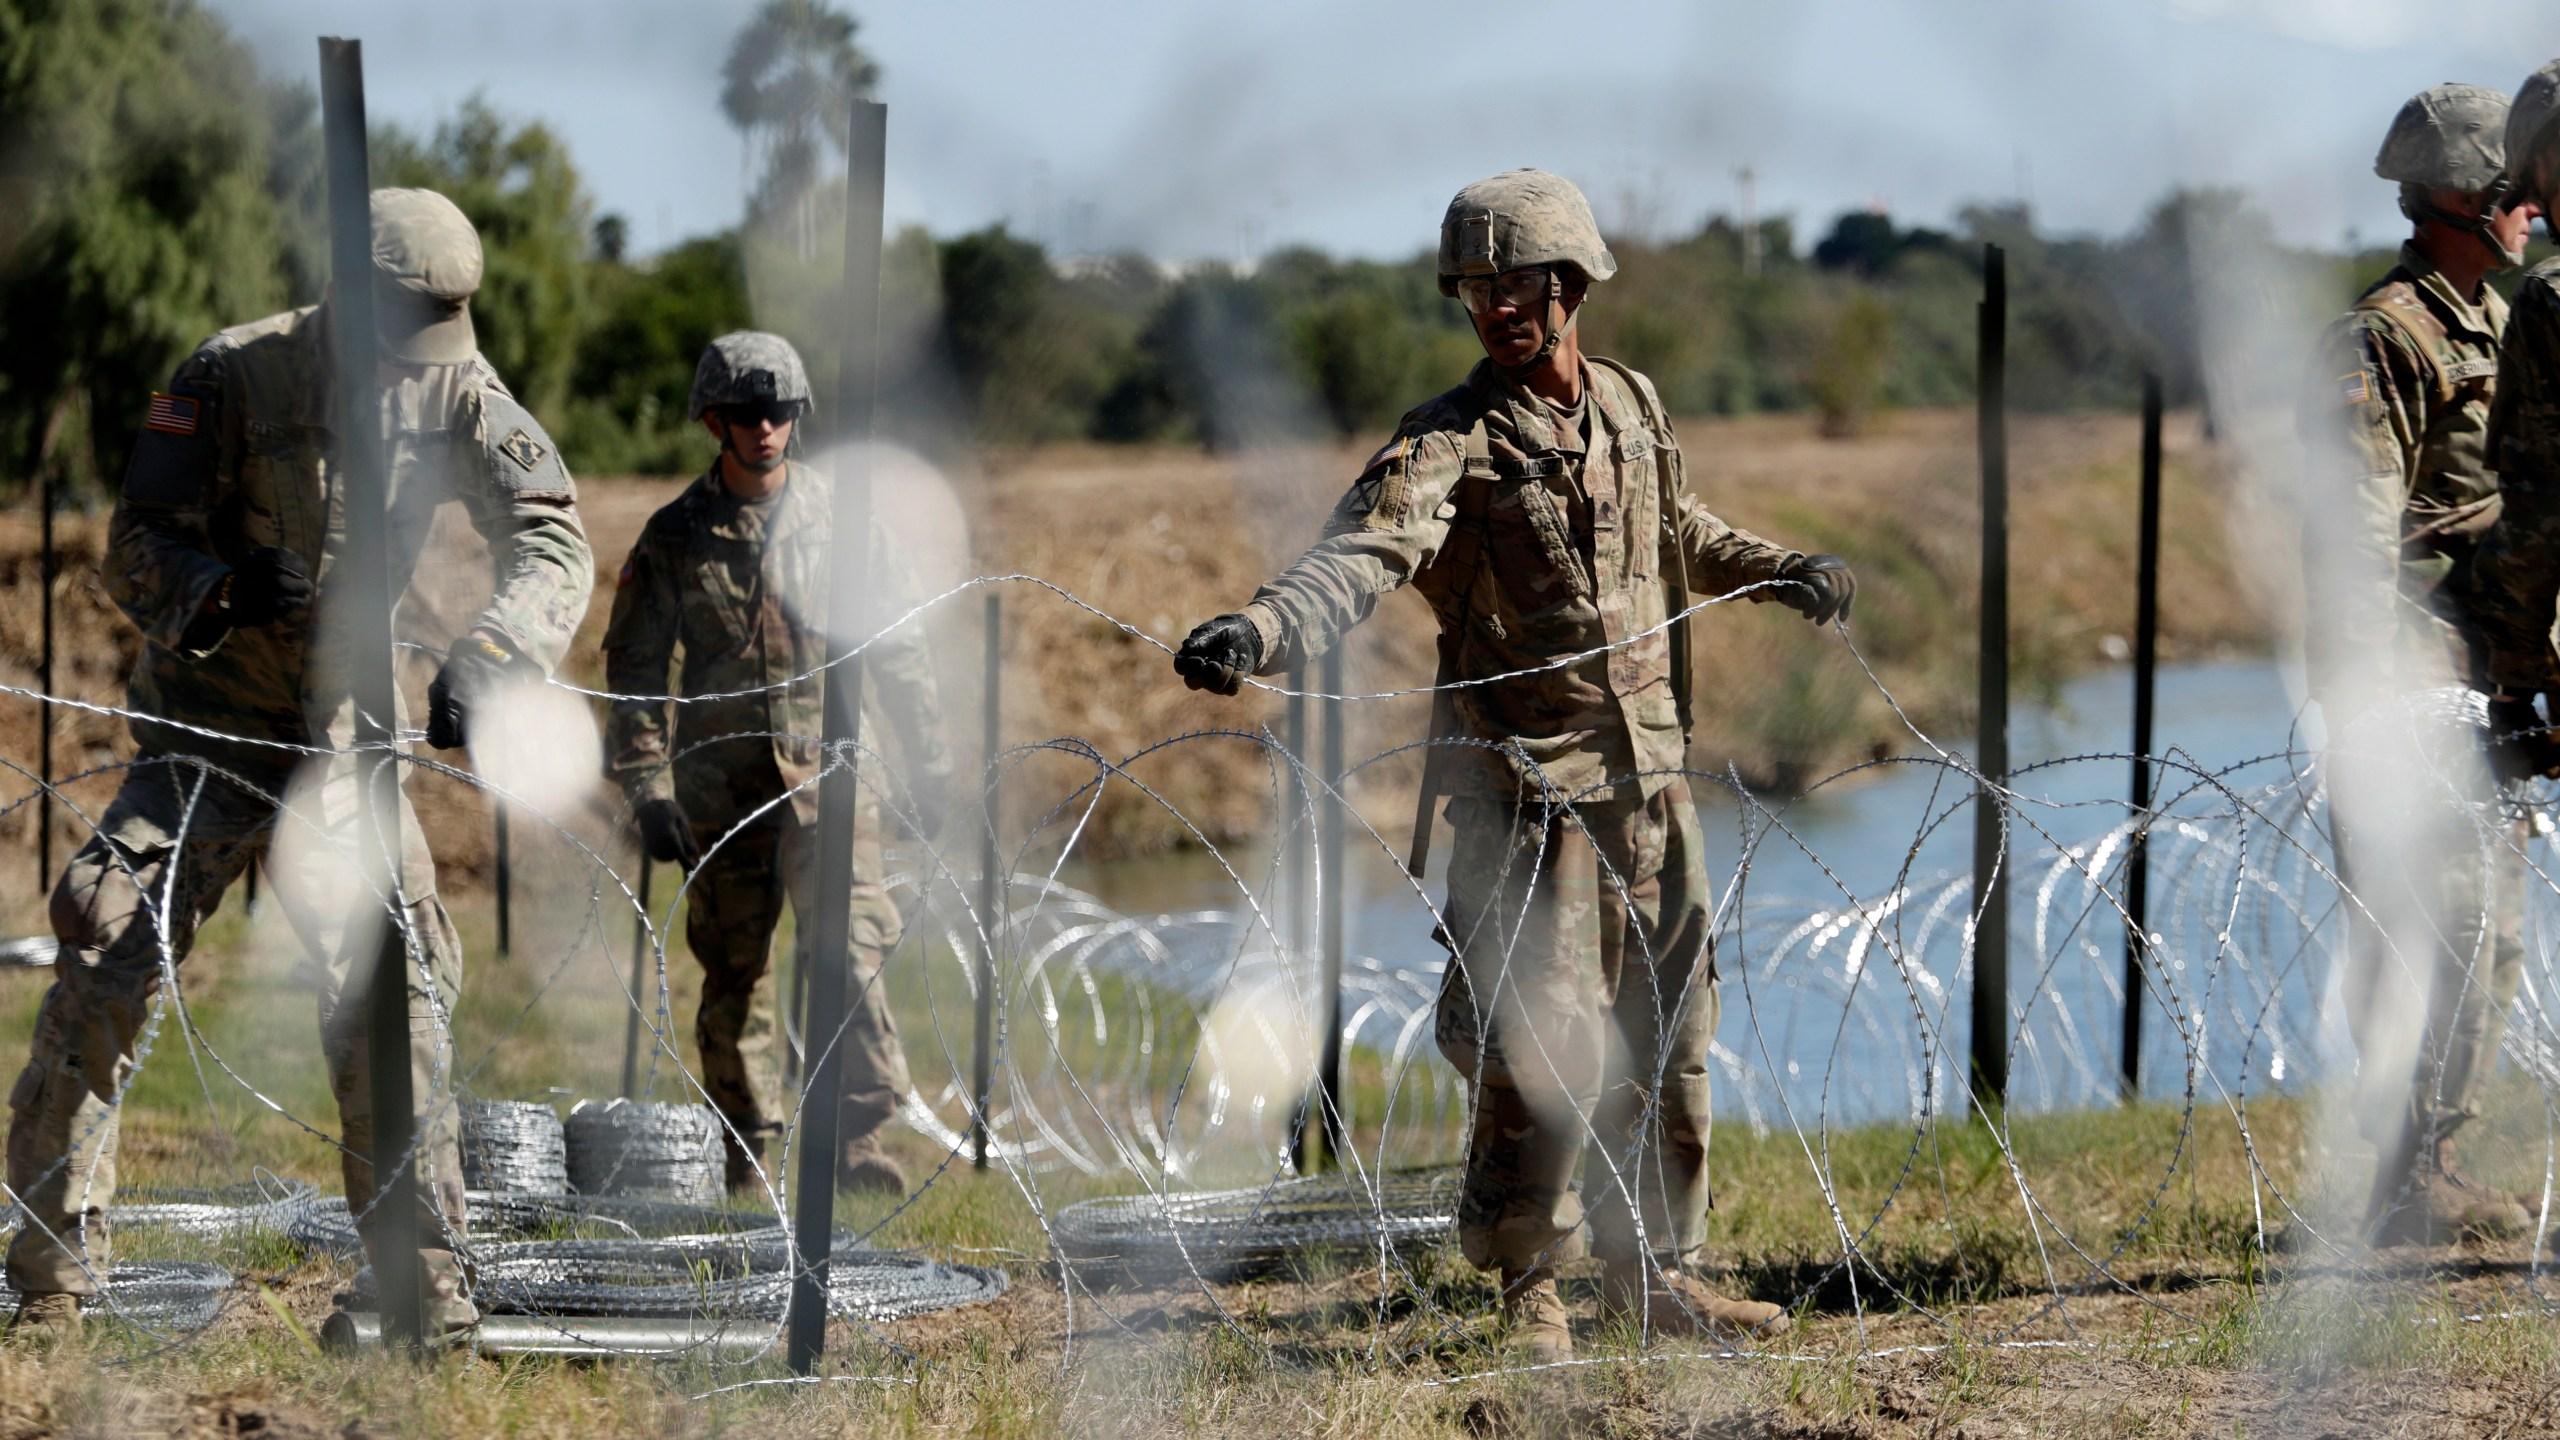 Border_Troops_47482-159532.jpg40455957